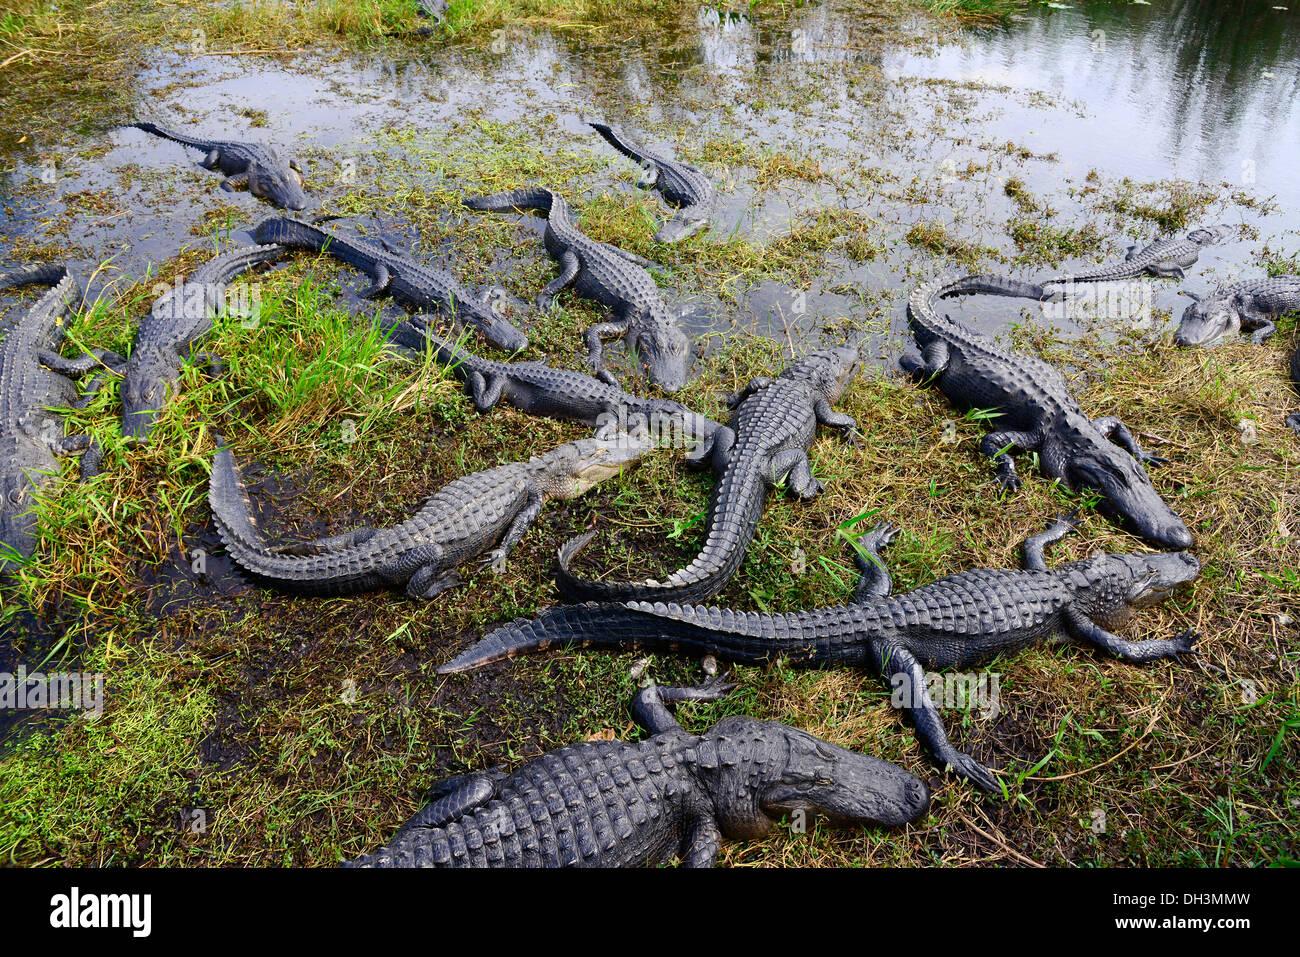 Alligators Everglades National Park Homestead Florida US - Stock Image